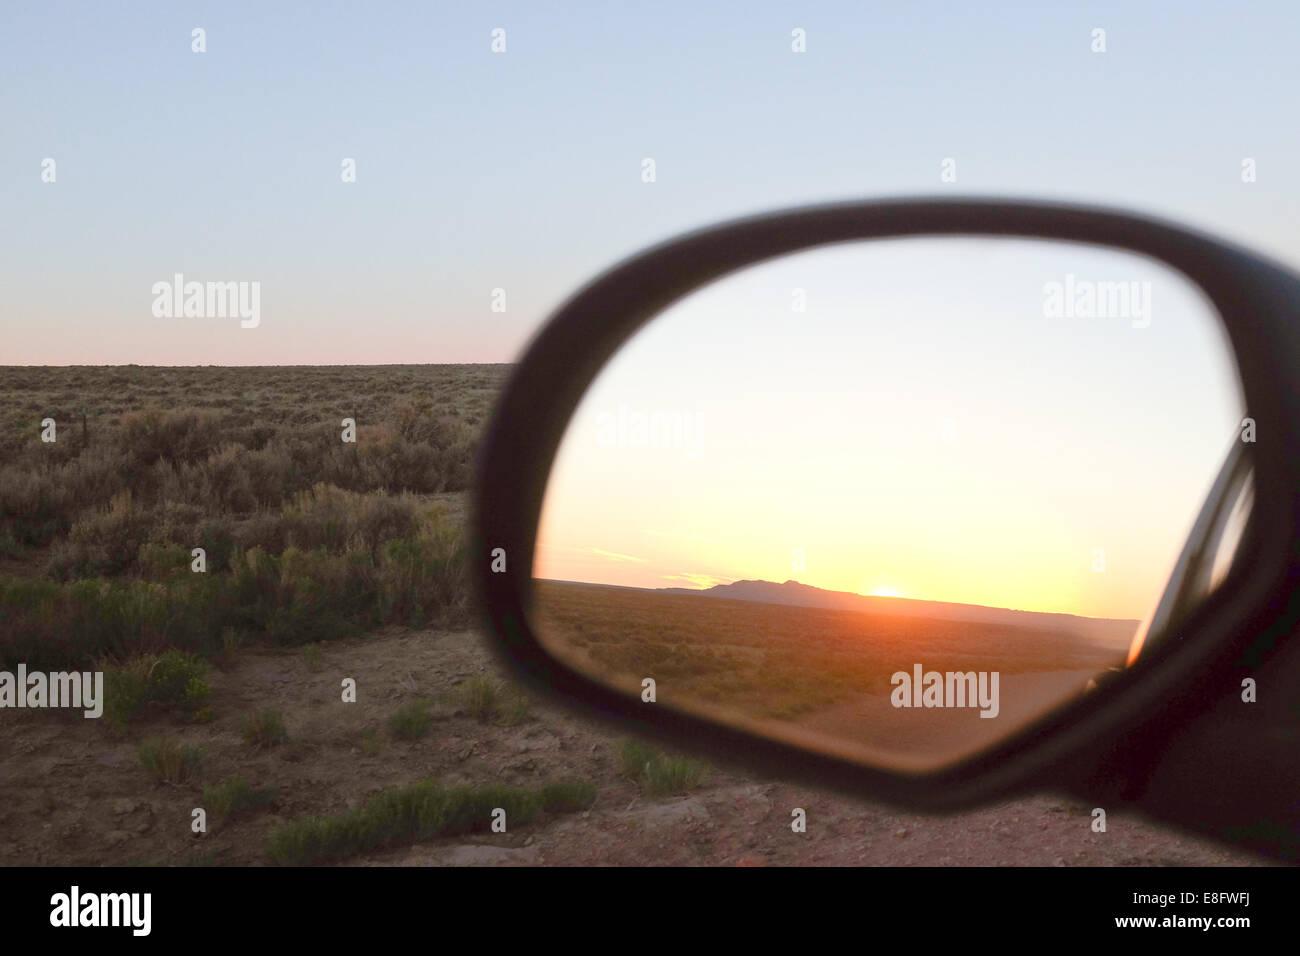 USA, Wyoming, le coucher du Soleil se reflétant dans le rétroviseur Photo Stock